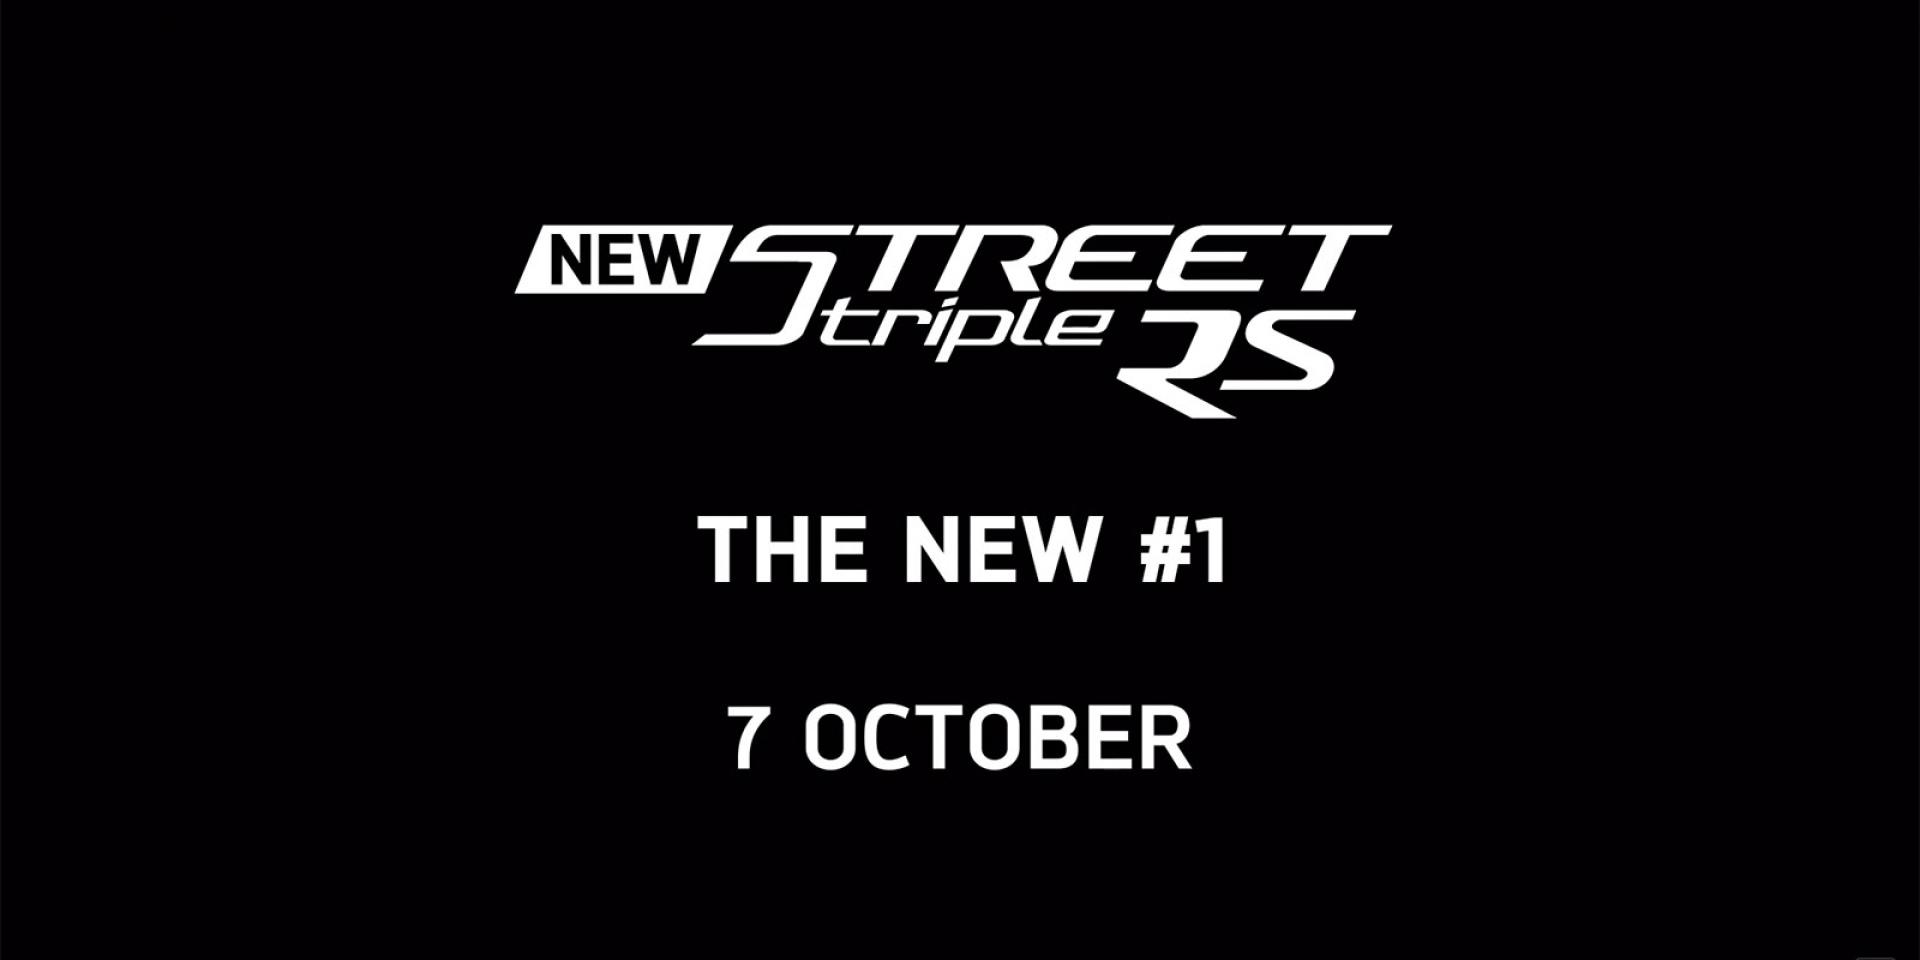 三缸、輕巧、精緻的總和。Triumph Street Triple RS即將在10/7首度亮相